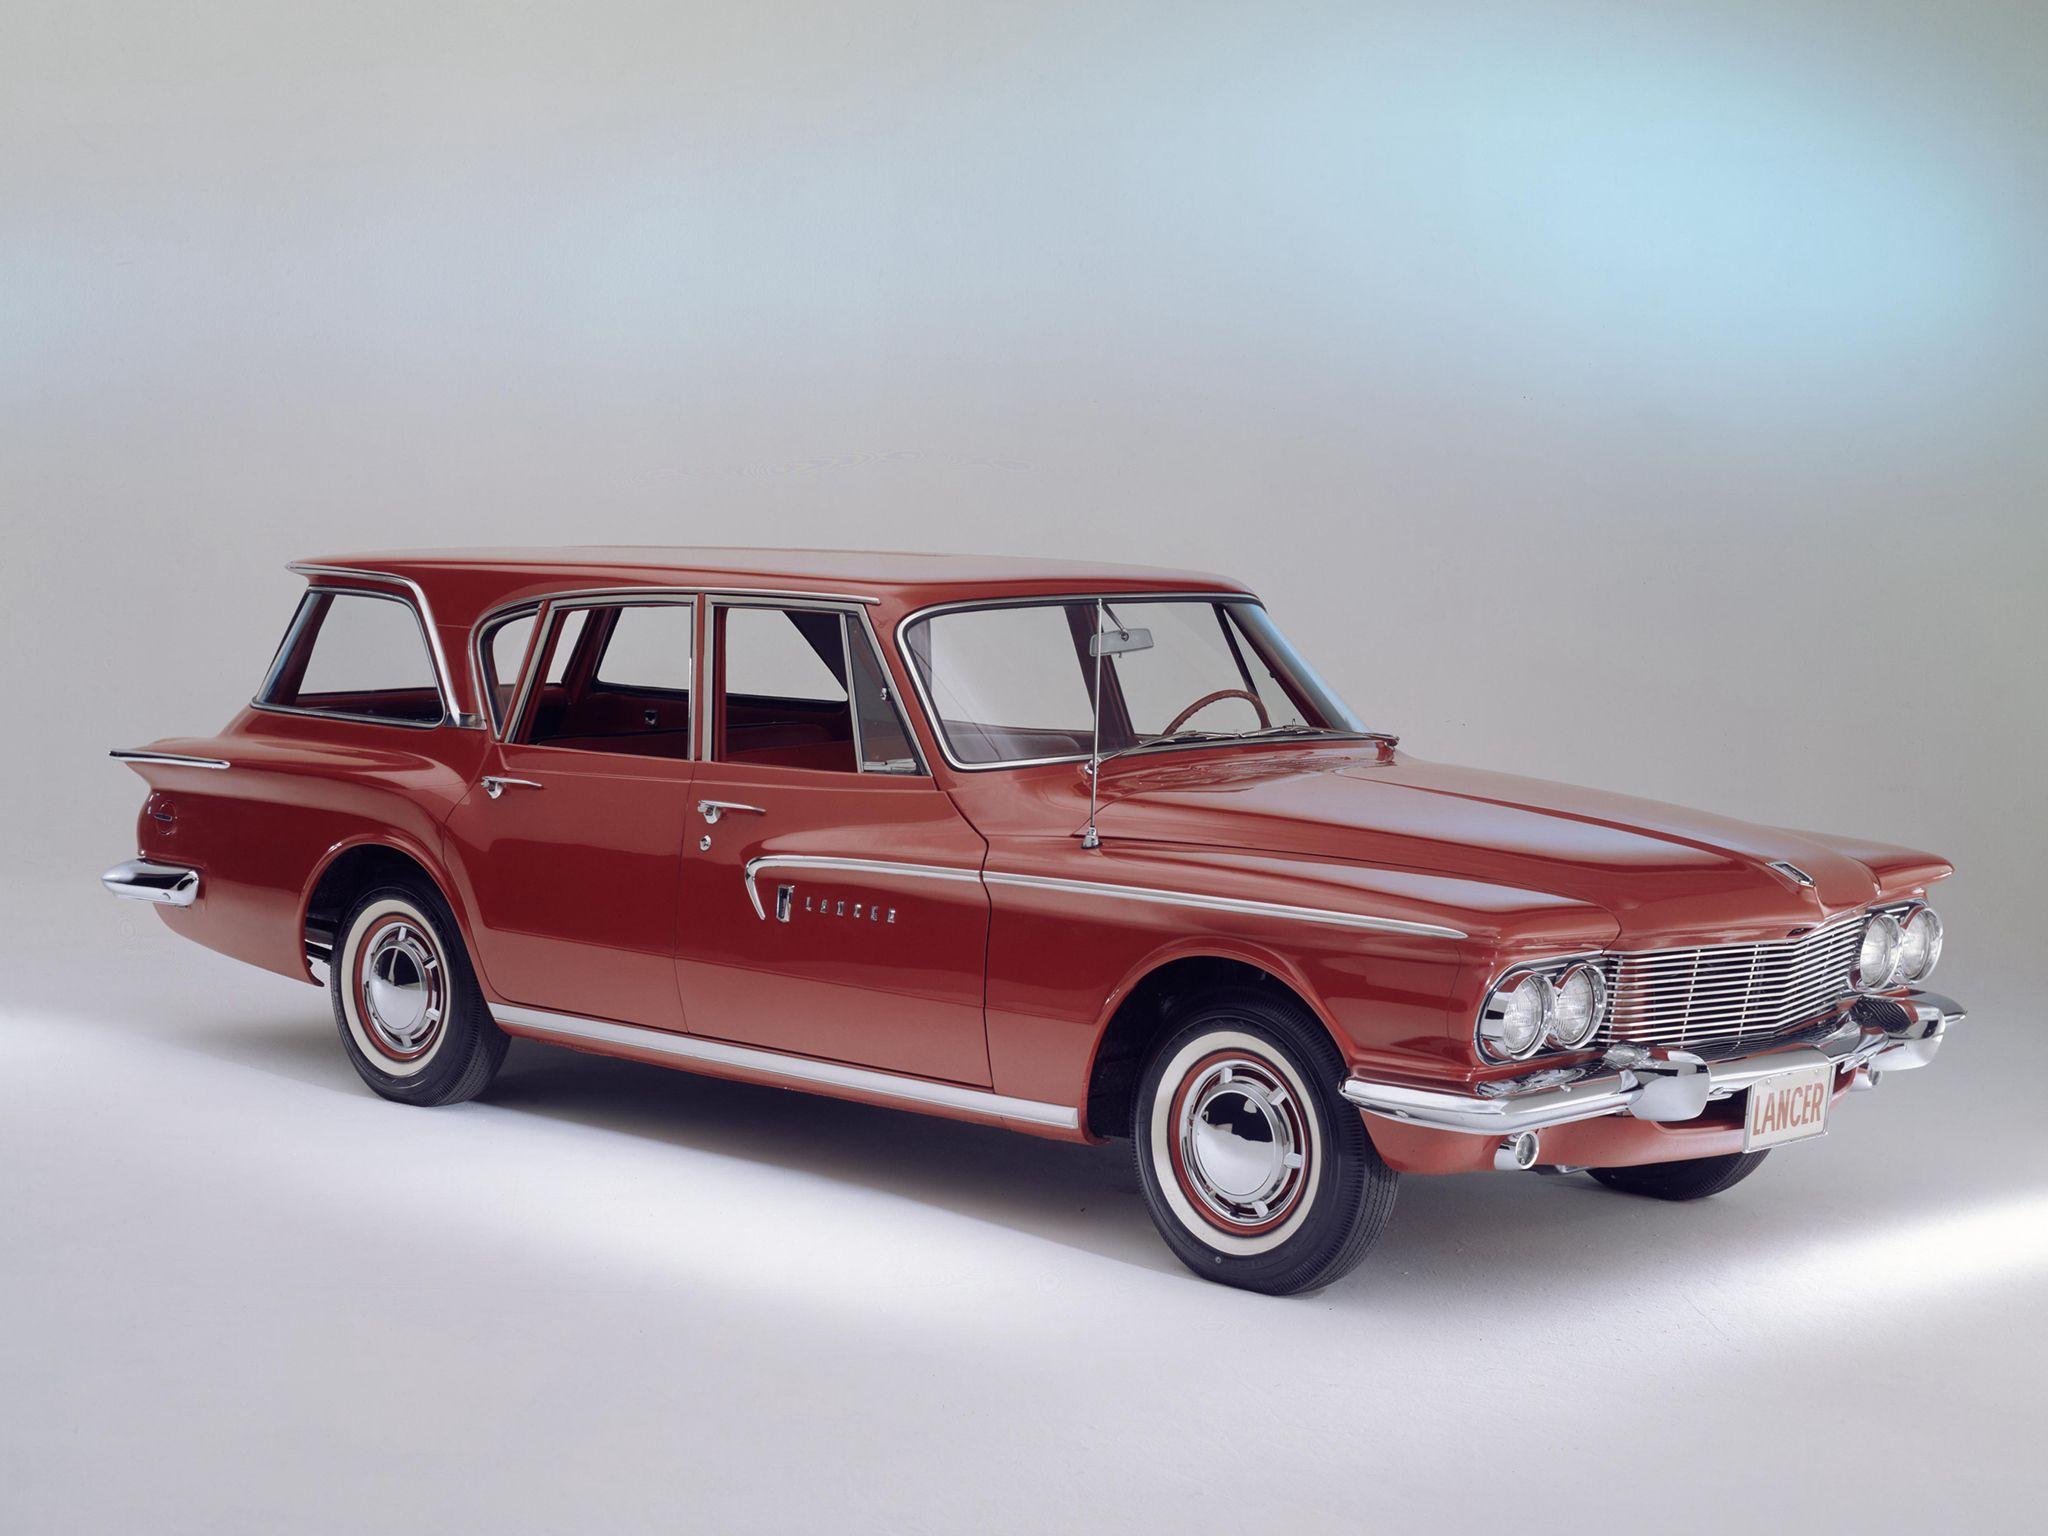 1961 dodge lancer 770 station wagon